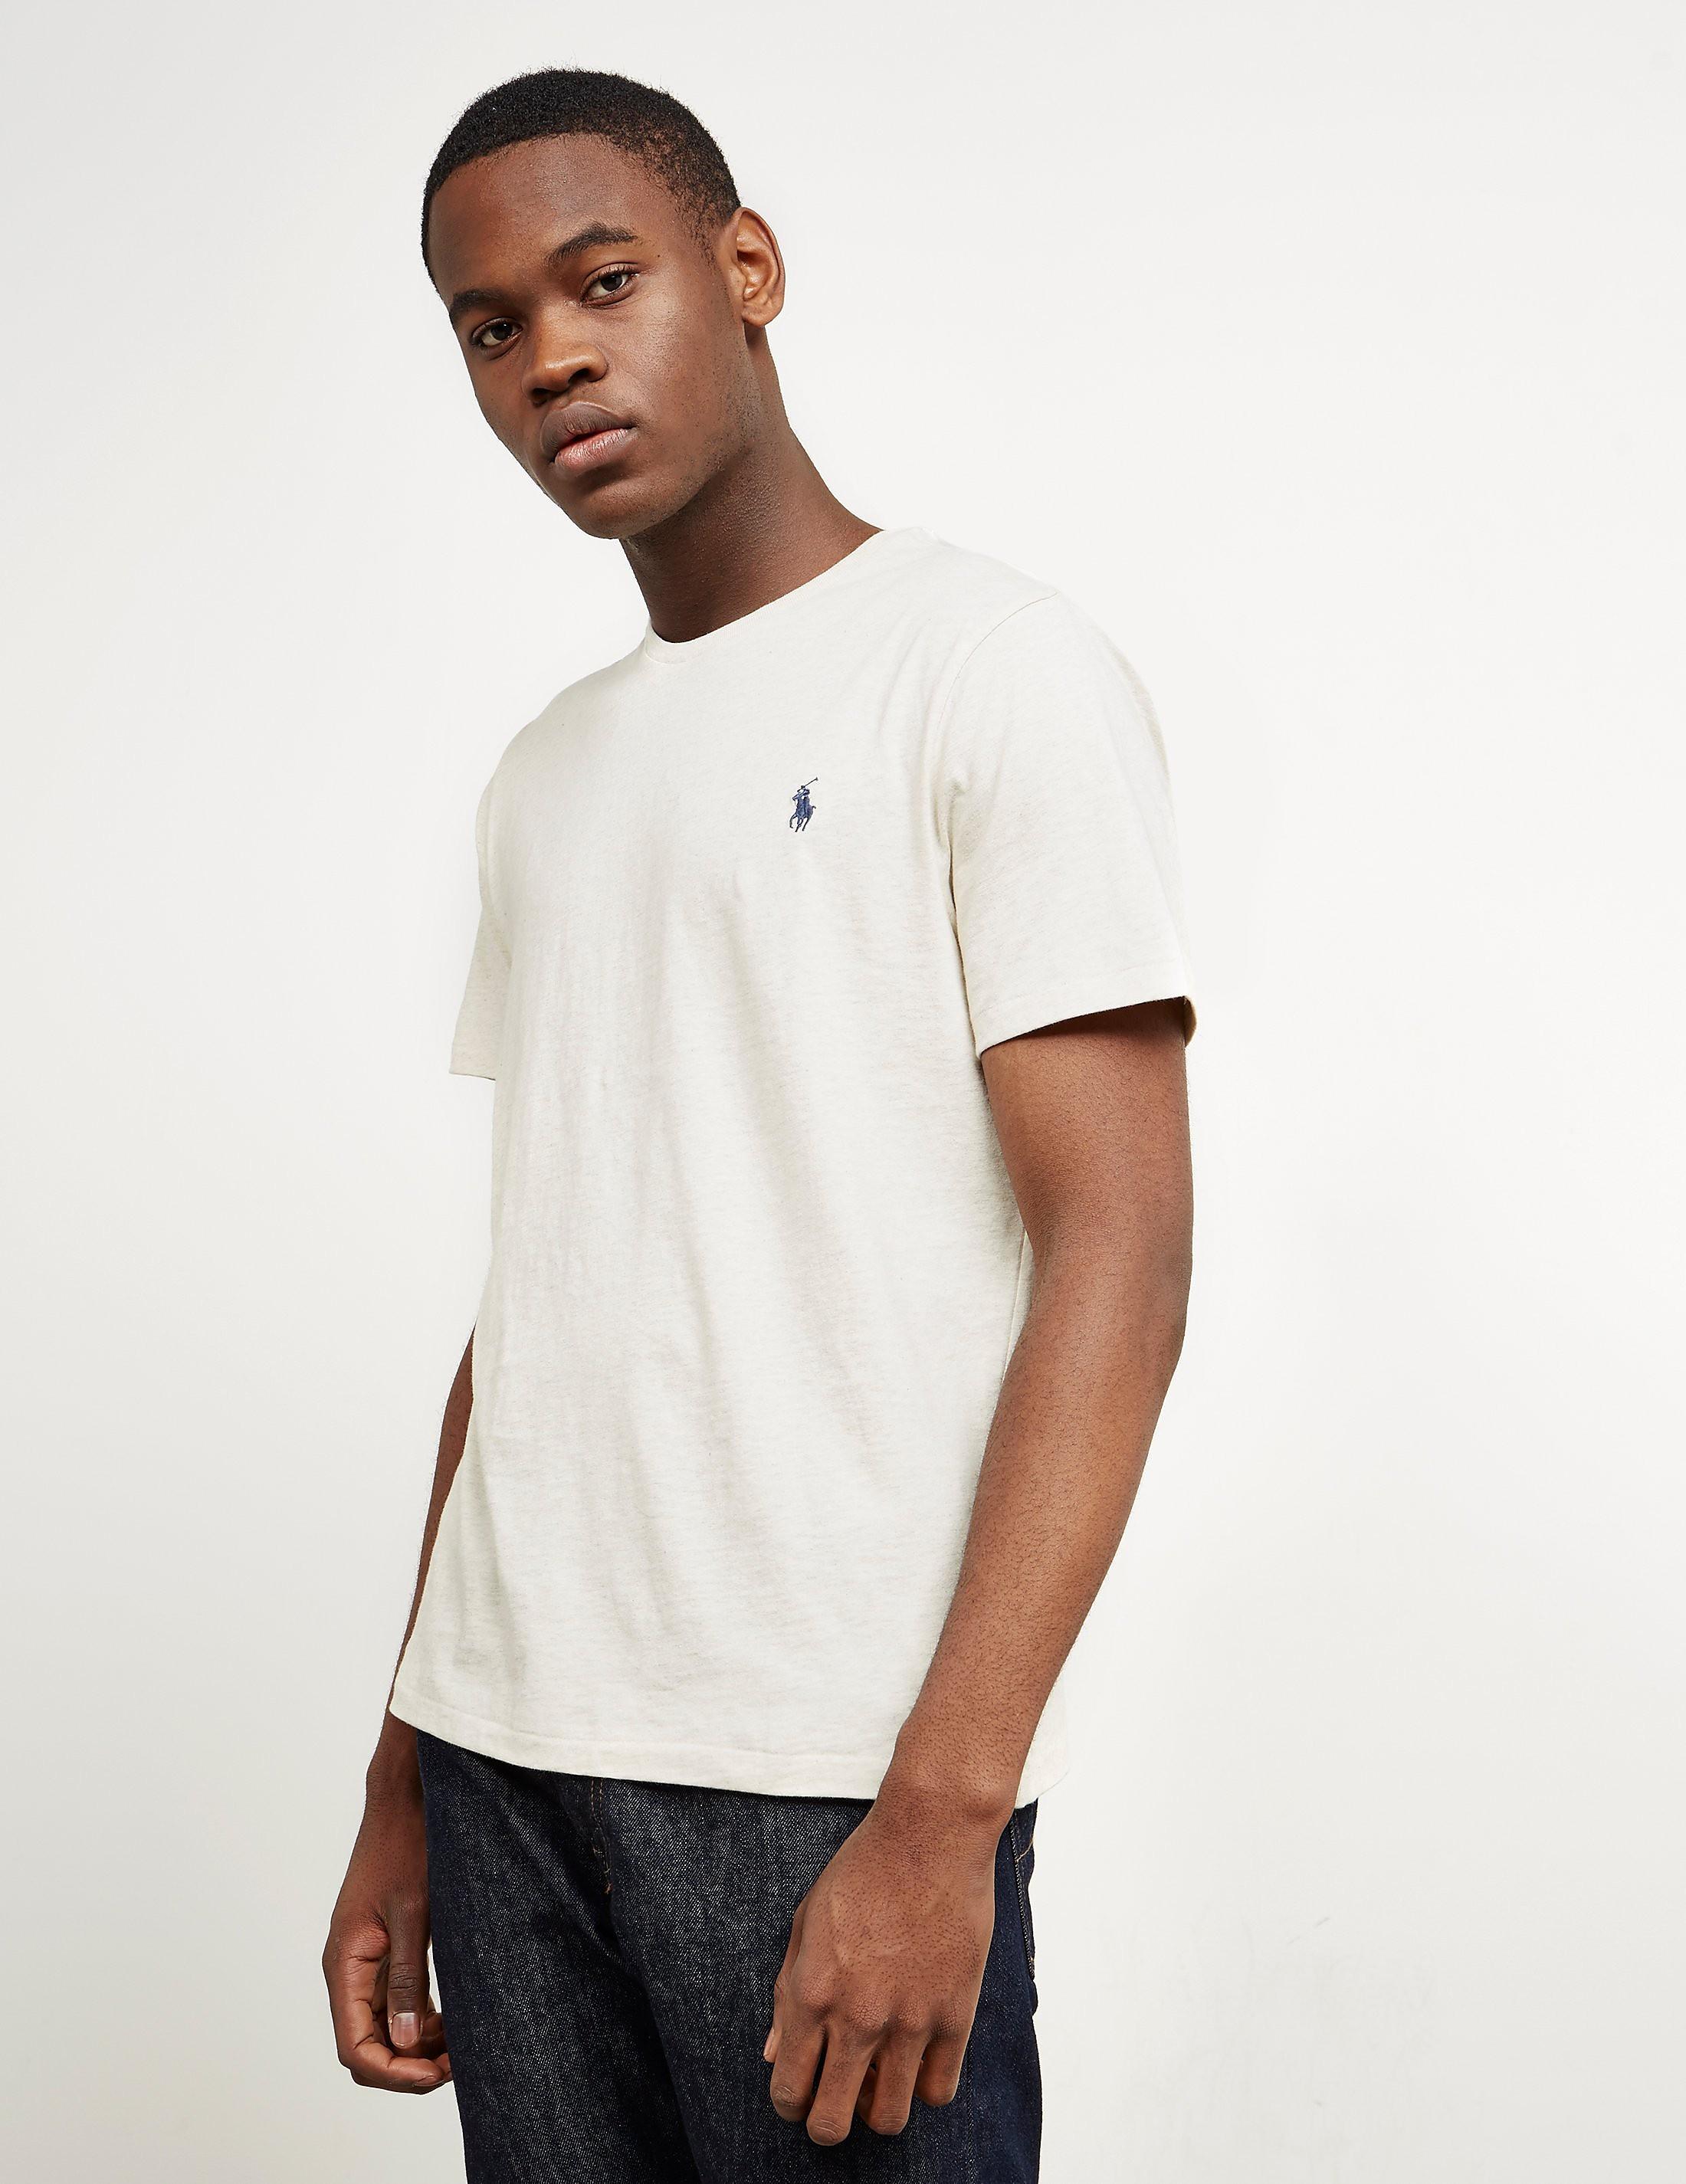 Polo Ralph Lauren Crew Neck Short Sleeve T-Shirt